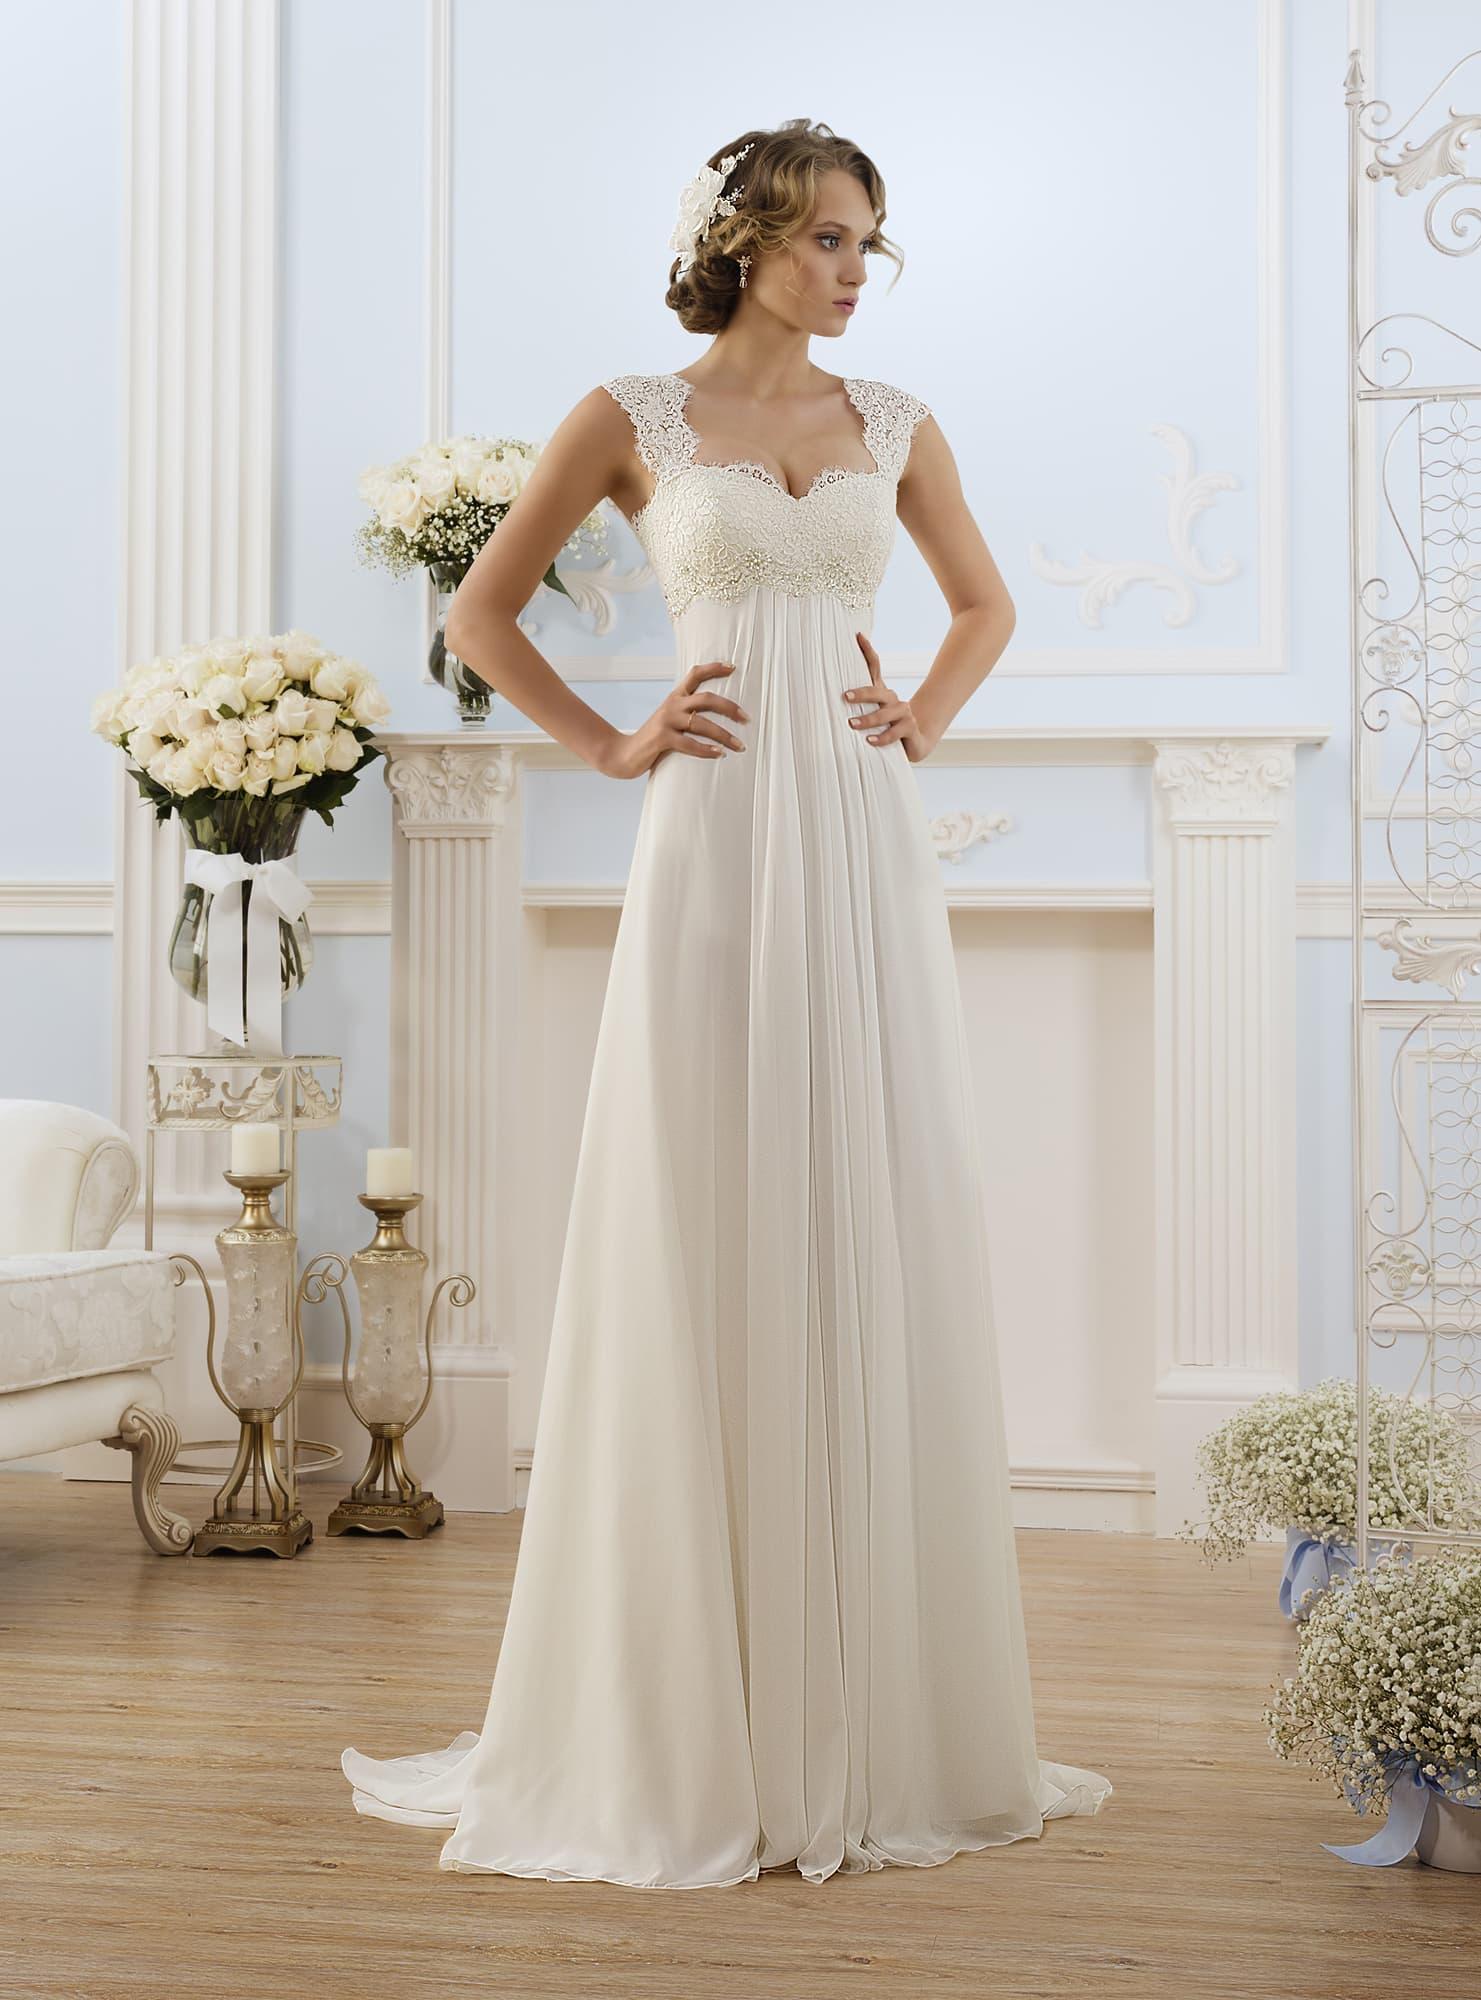 4503f1c6913 Свадебное платье Naviblue Bridal 13486 ▷ Свадебный Торговый Центр ...